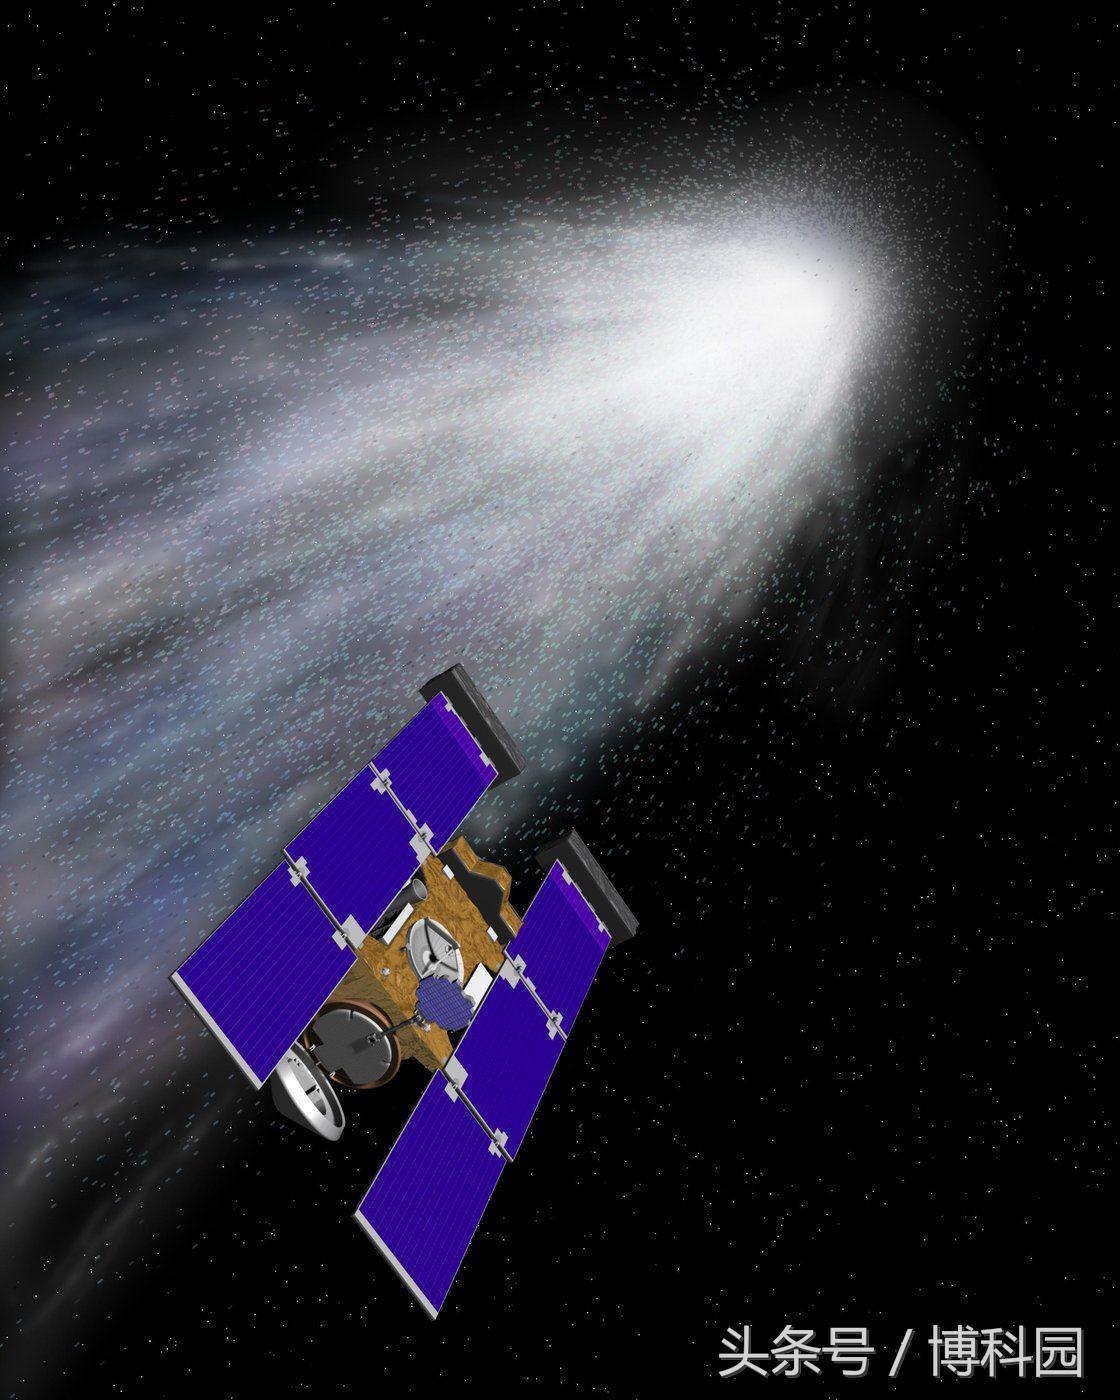 """需要""""摘""""更多的彗星样本来了解太阳系的历史"""